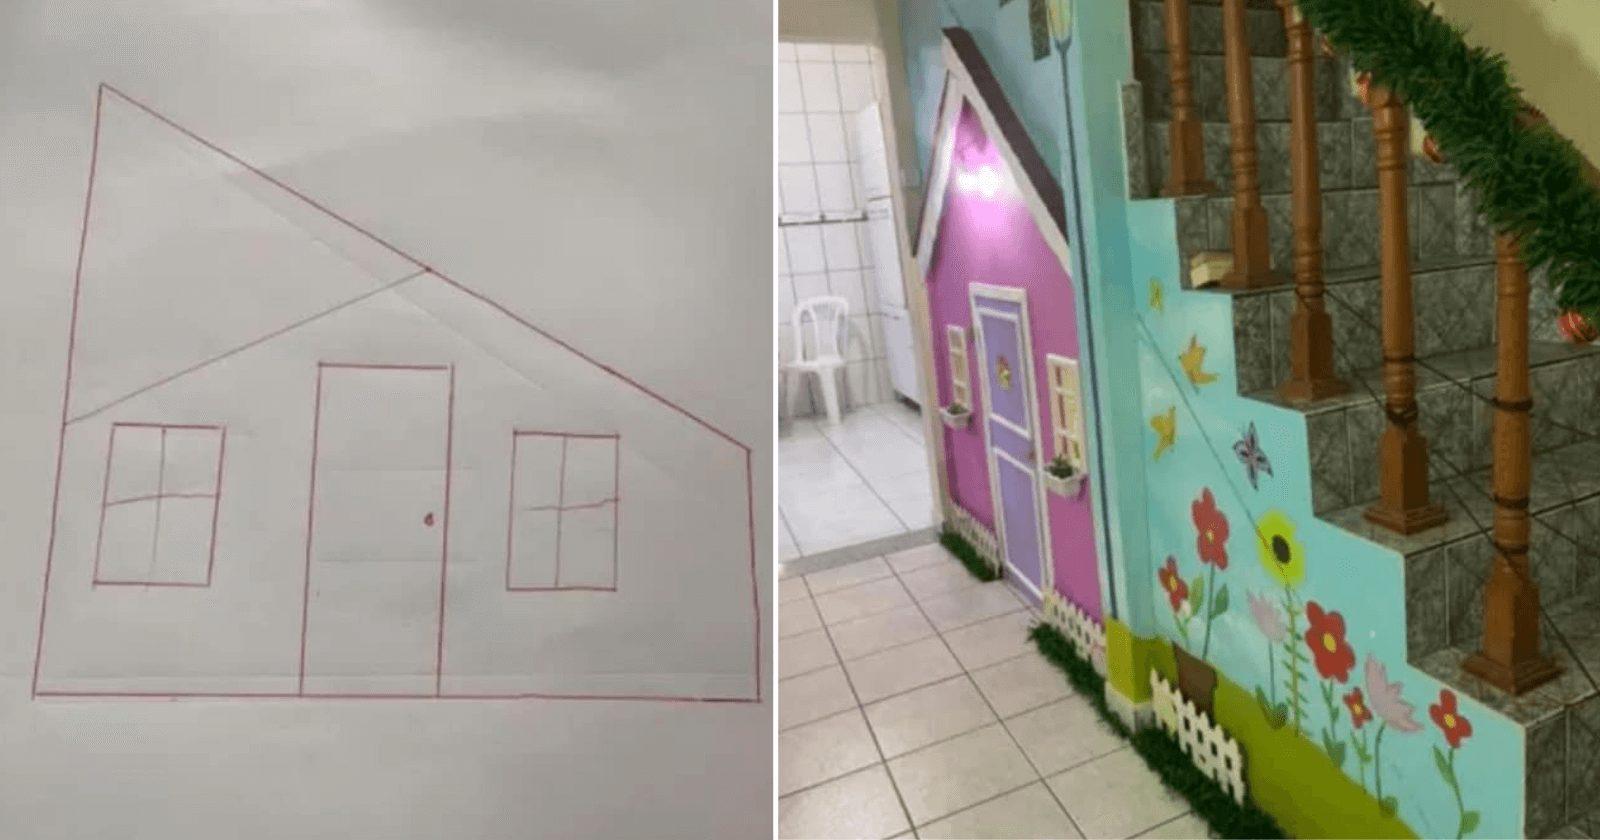 INSPIRADOR: Pai cria casinha incrível para filha embaixo de escada